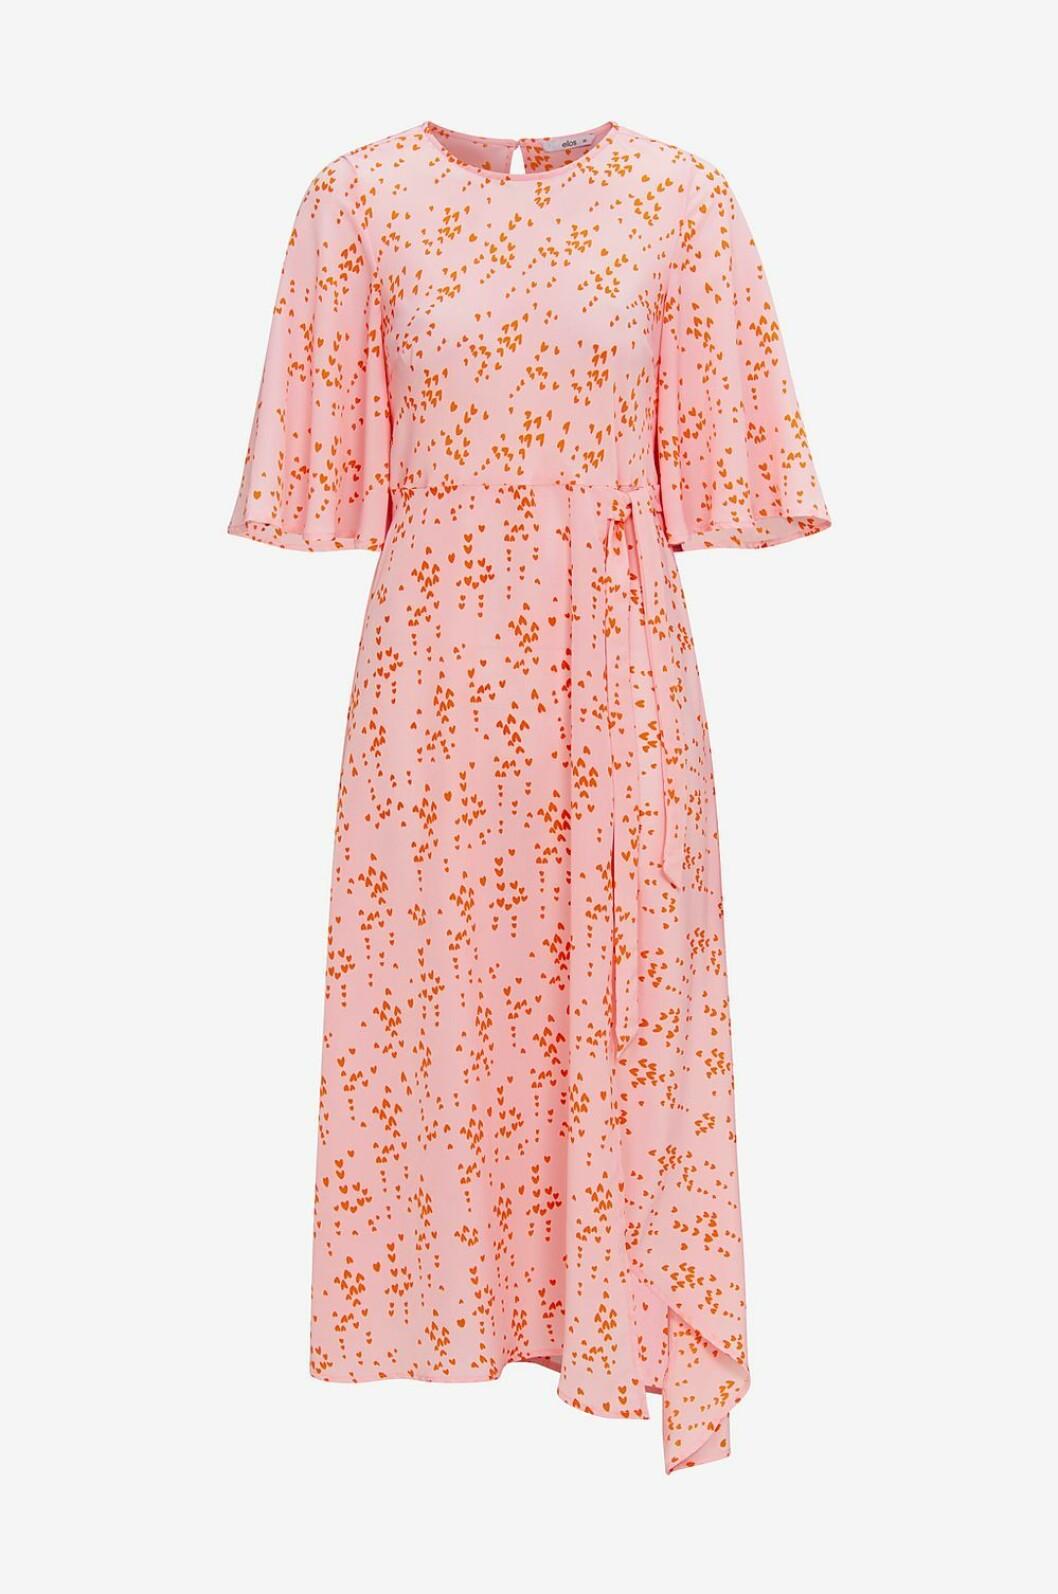 Rosa klänning till sommarens bröllop 2019